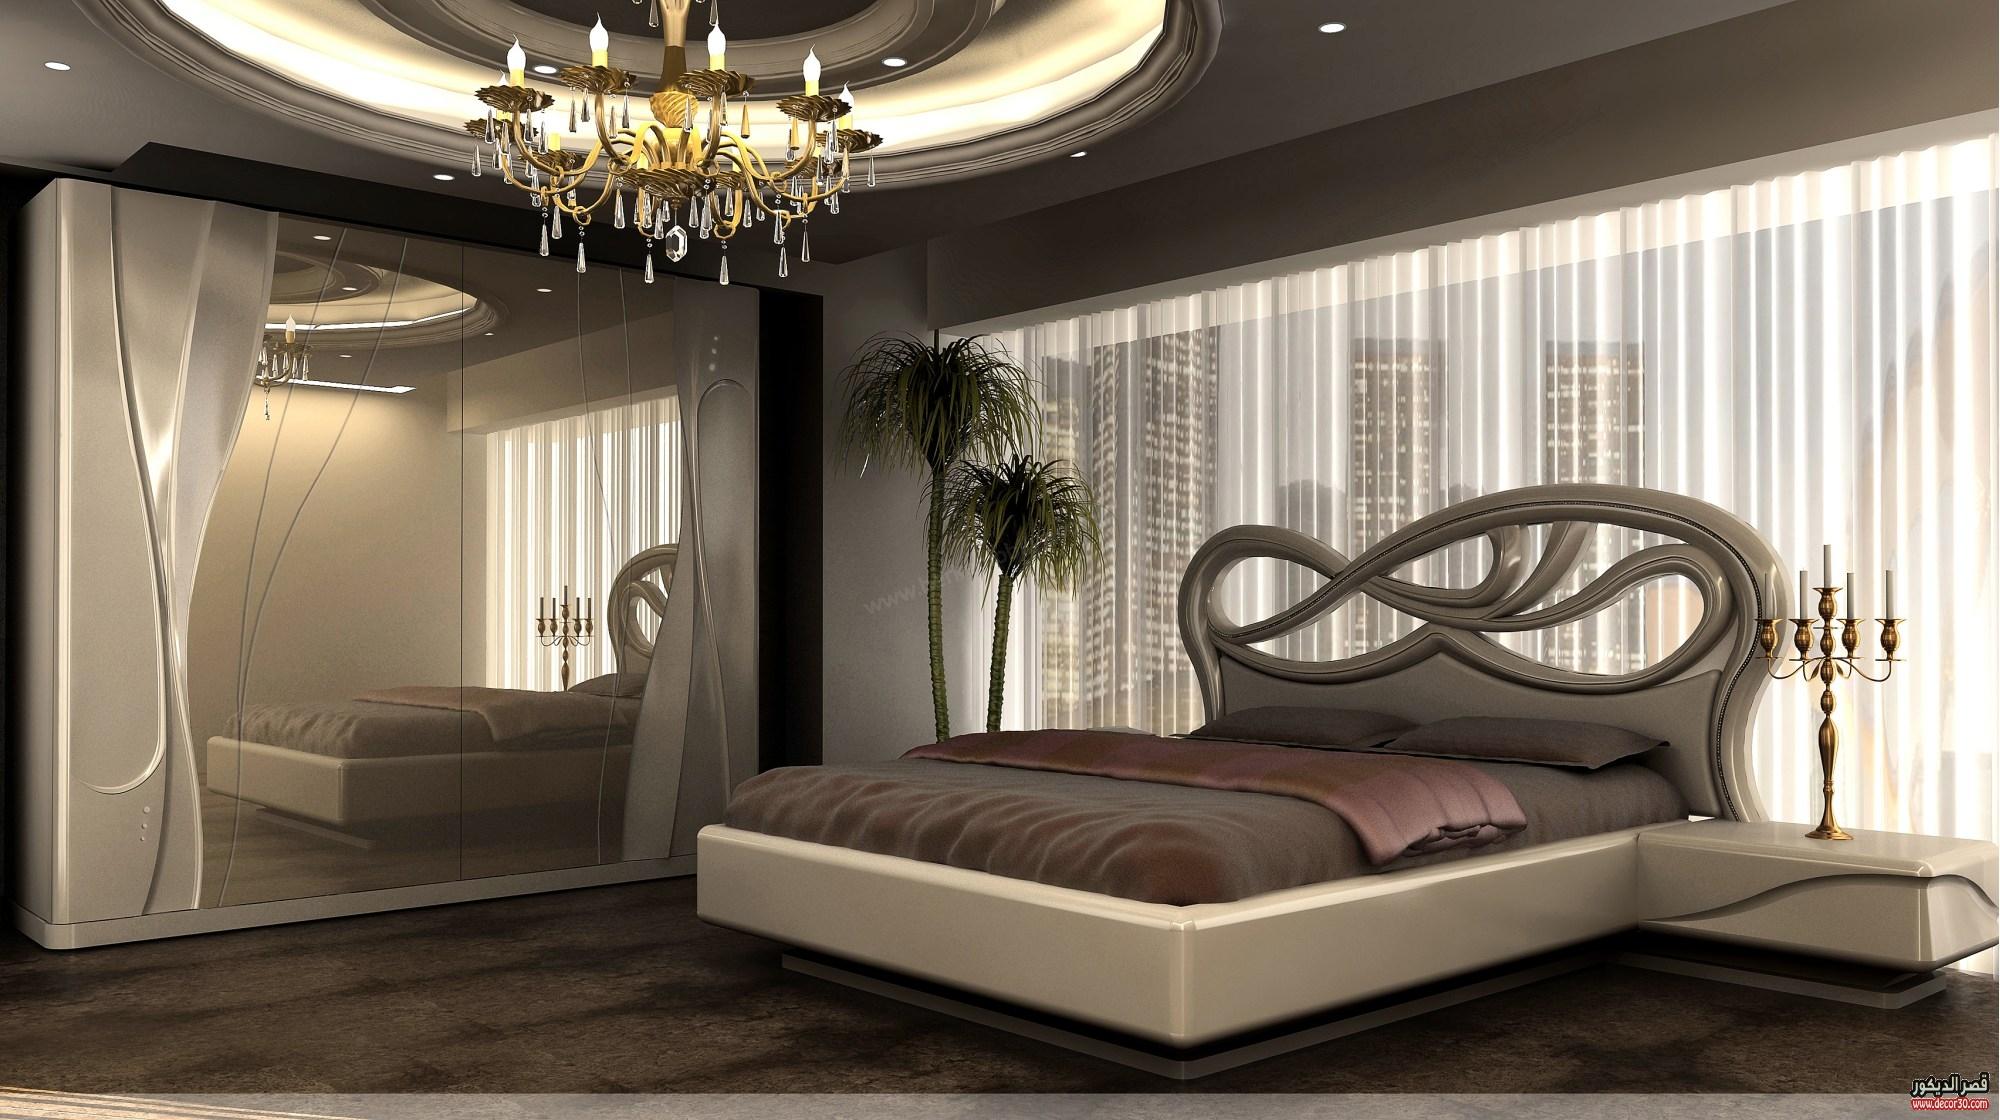 بالصور غرف نوم حديثه , ديكورات مميزة لاحلي غرفة رومانسية 2427 2